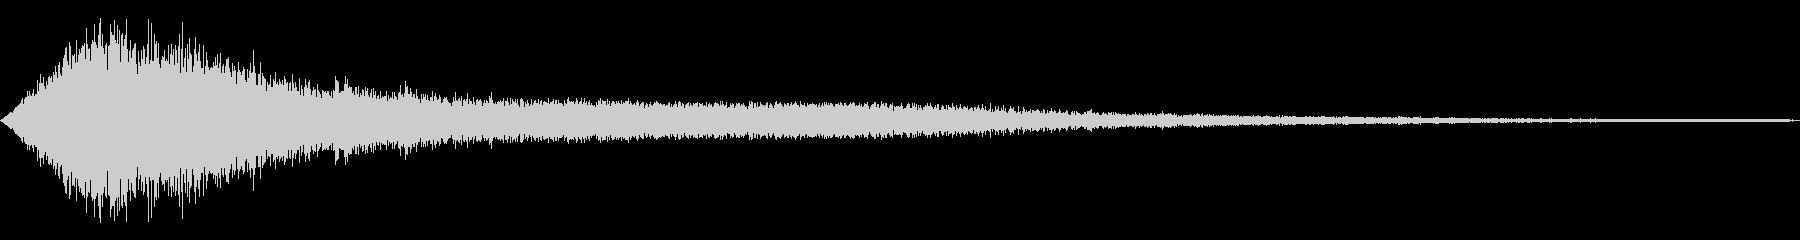 シャキーン キラーン☆強烈な輝き!13bの未再生の波形